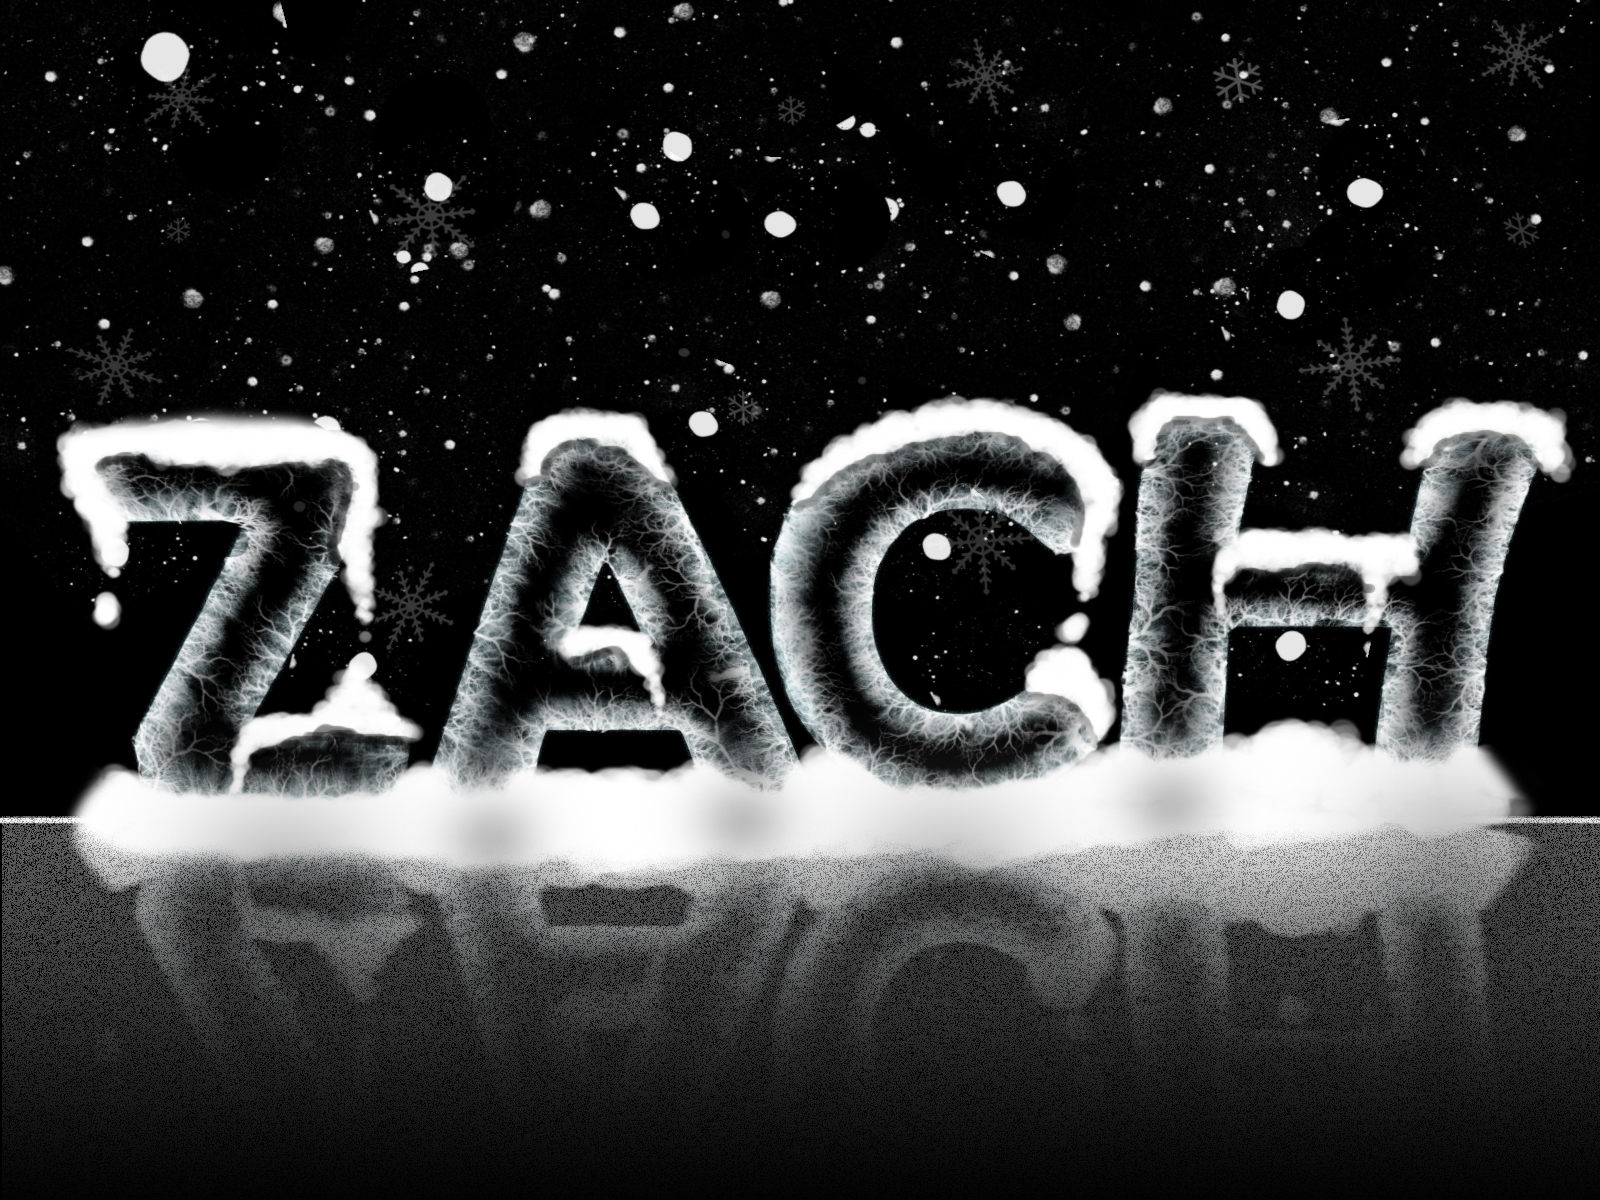 Snow name